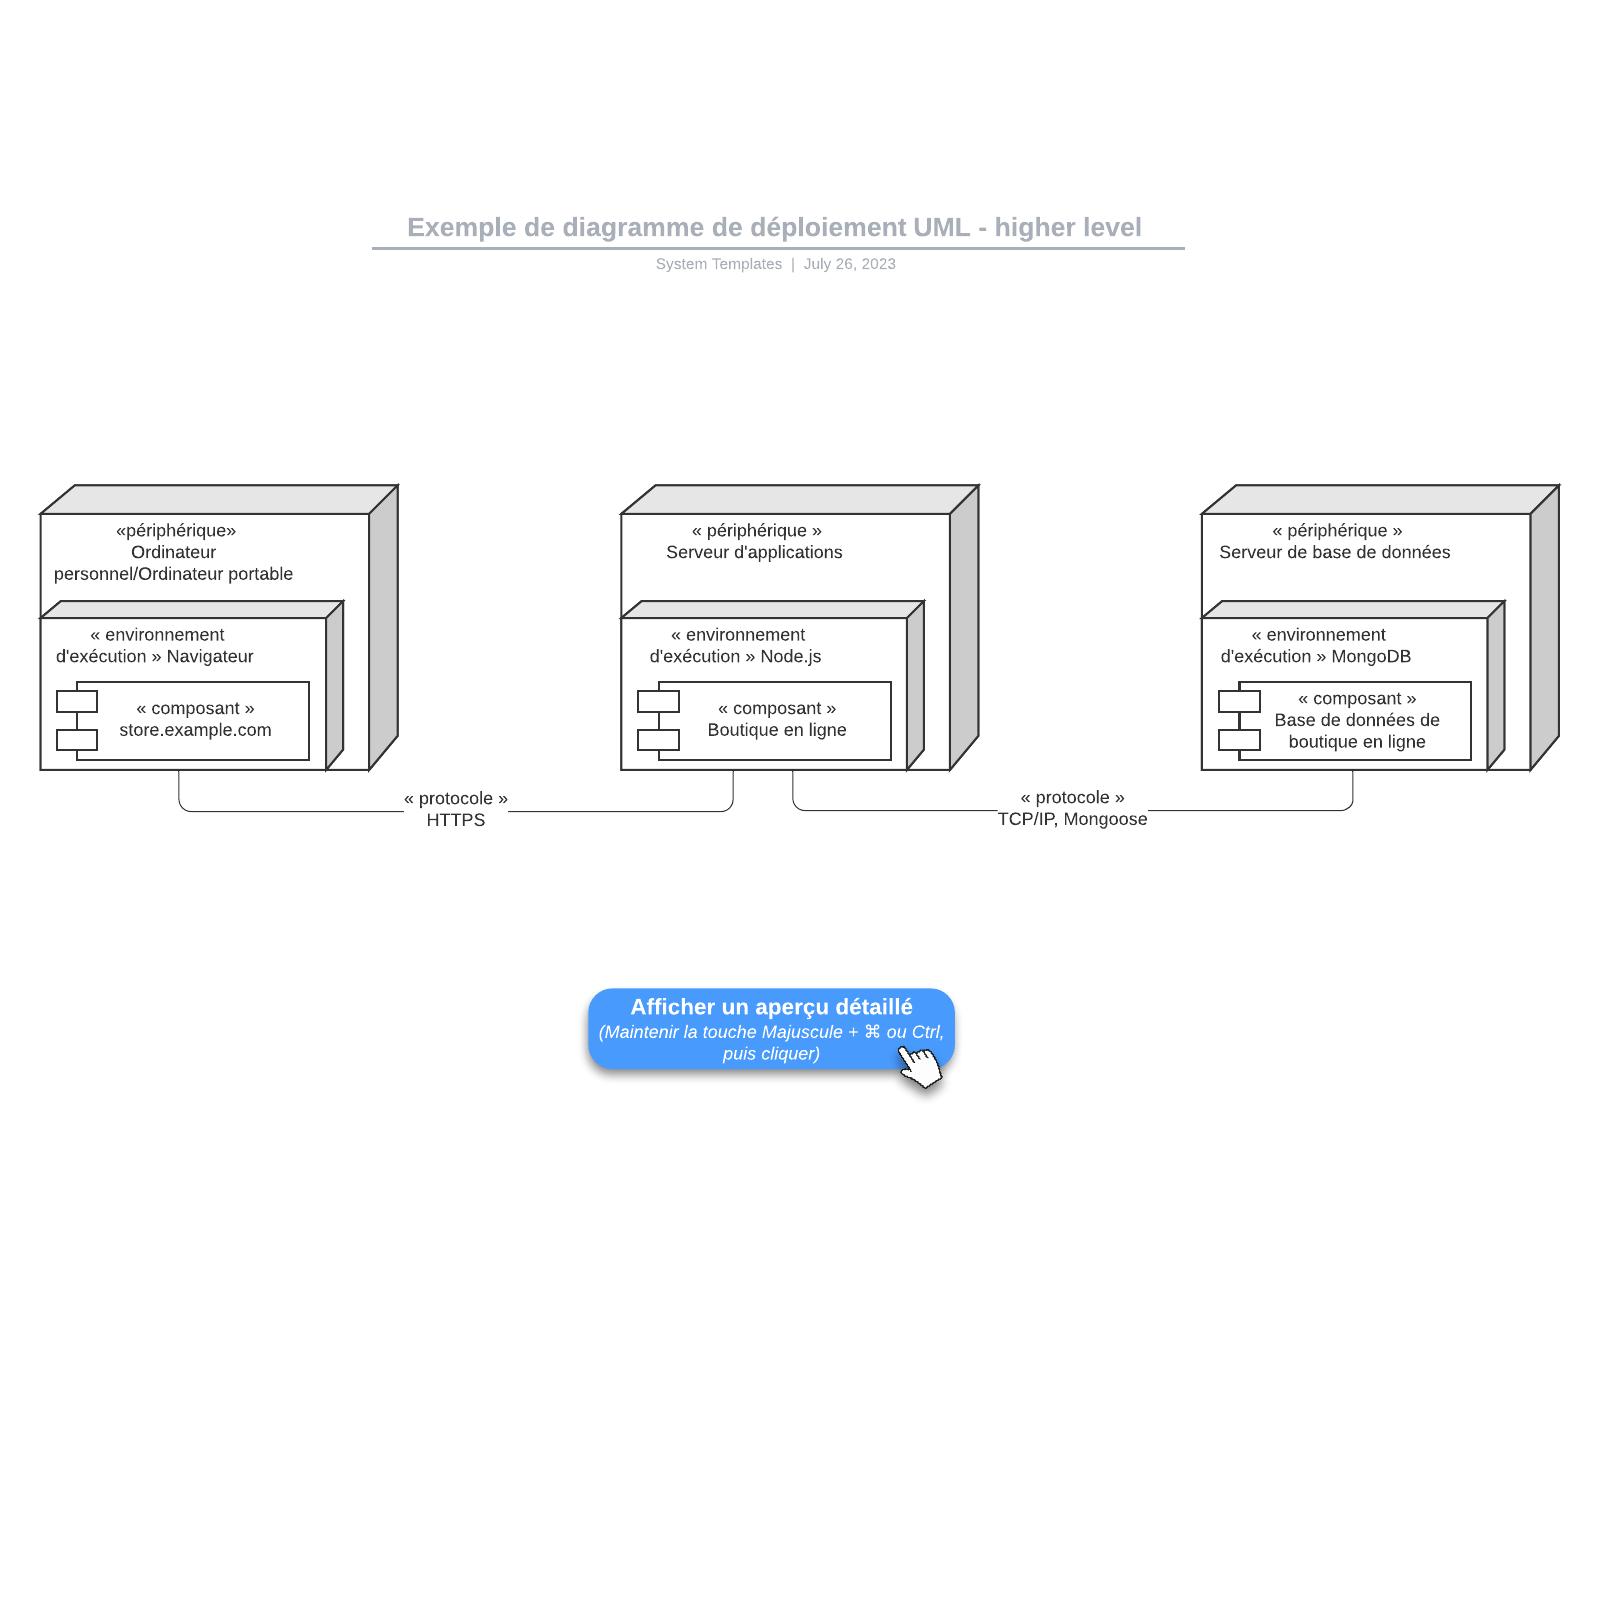 exemple de diagramme de déploiement UML